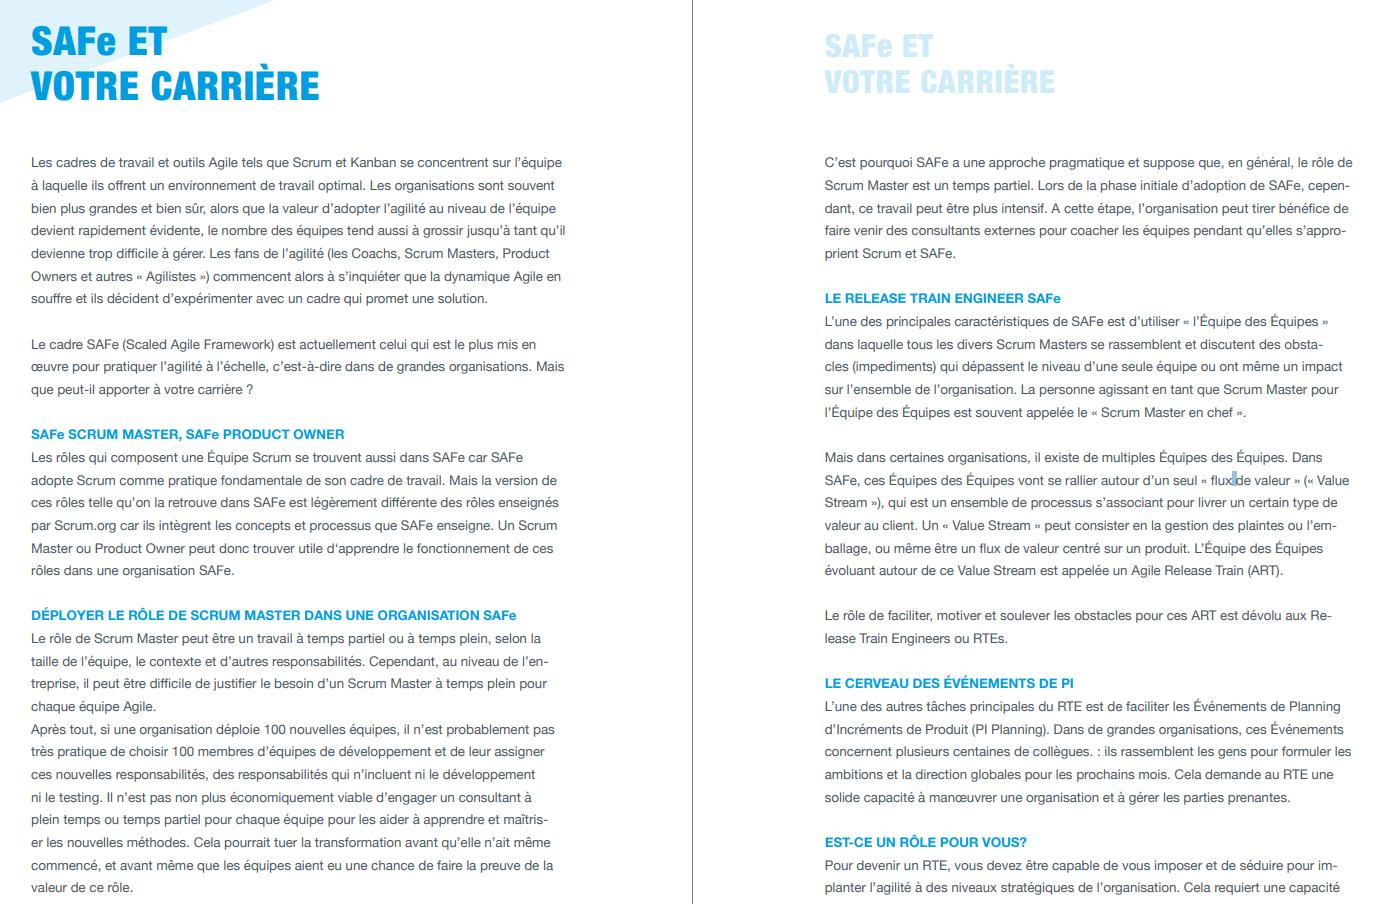 Traduction de l'anglais au français d'un livre blanc